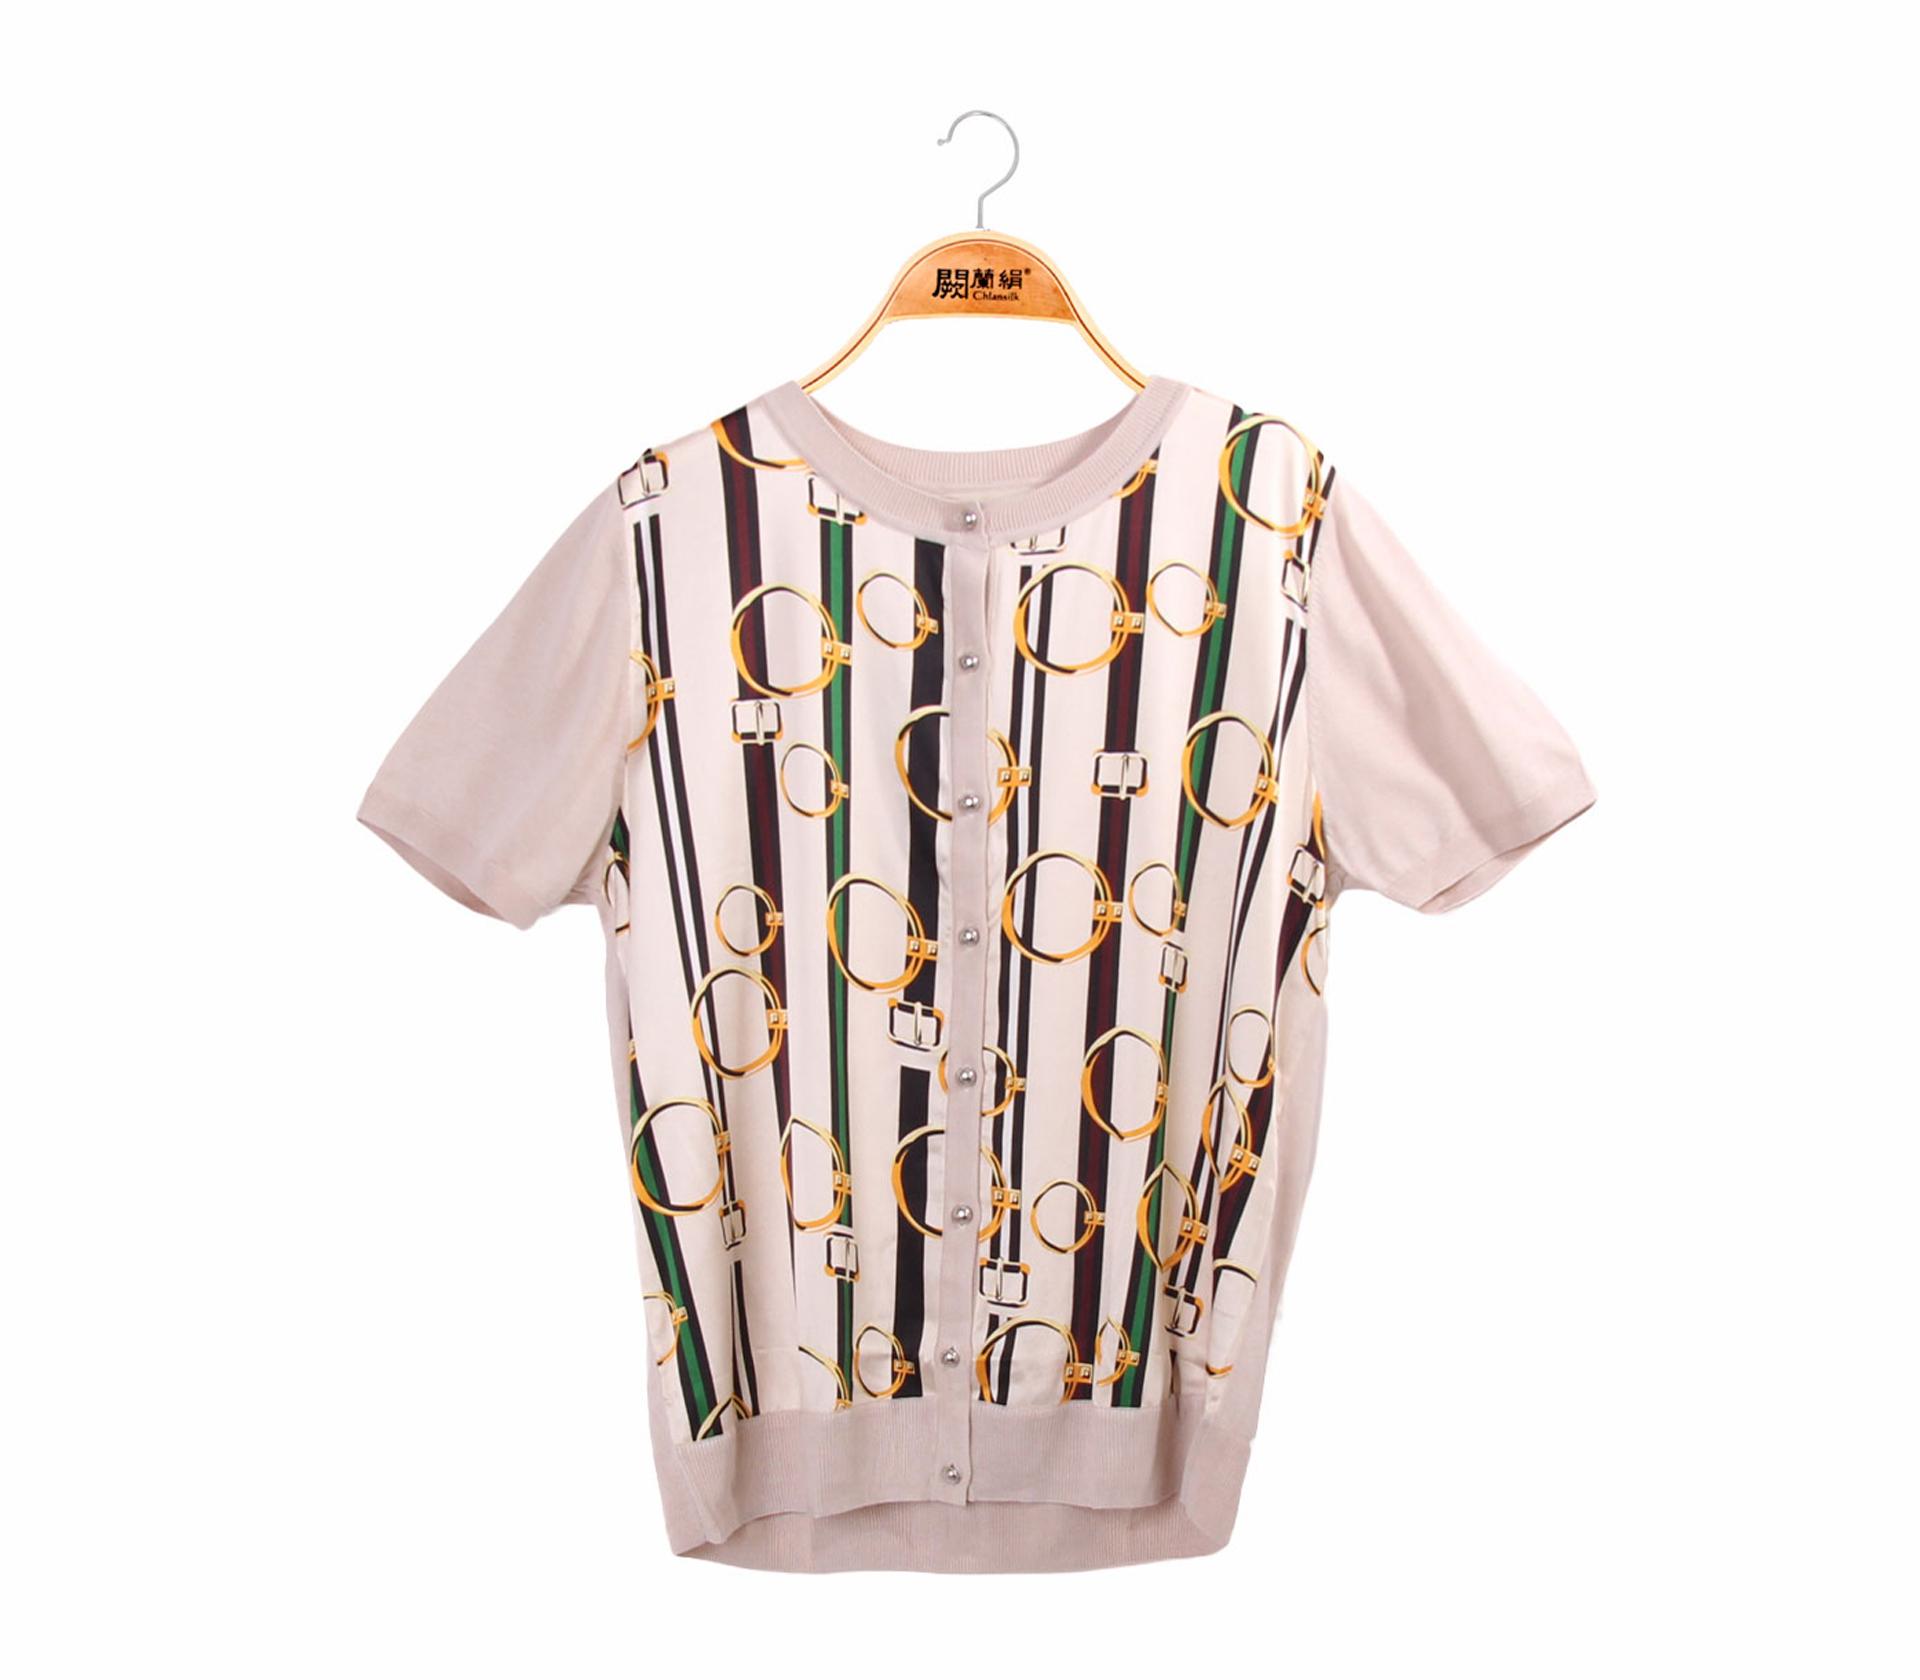 拼接滑布圈圈米色蠶絲針織外套-6328-1